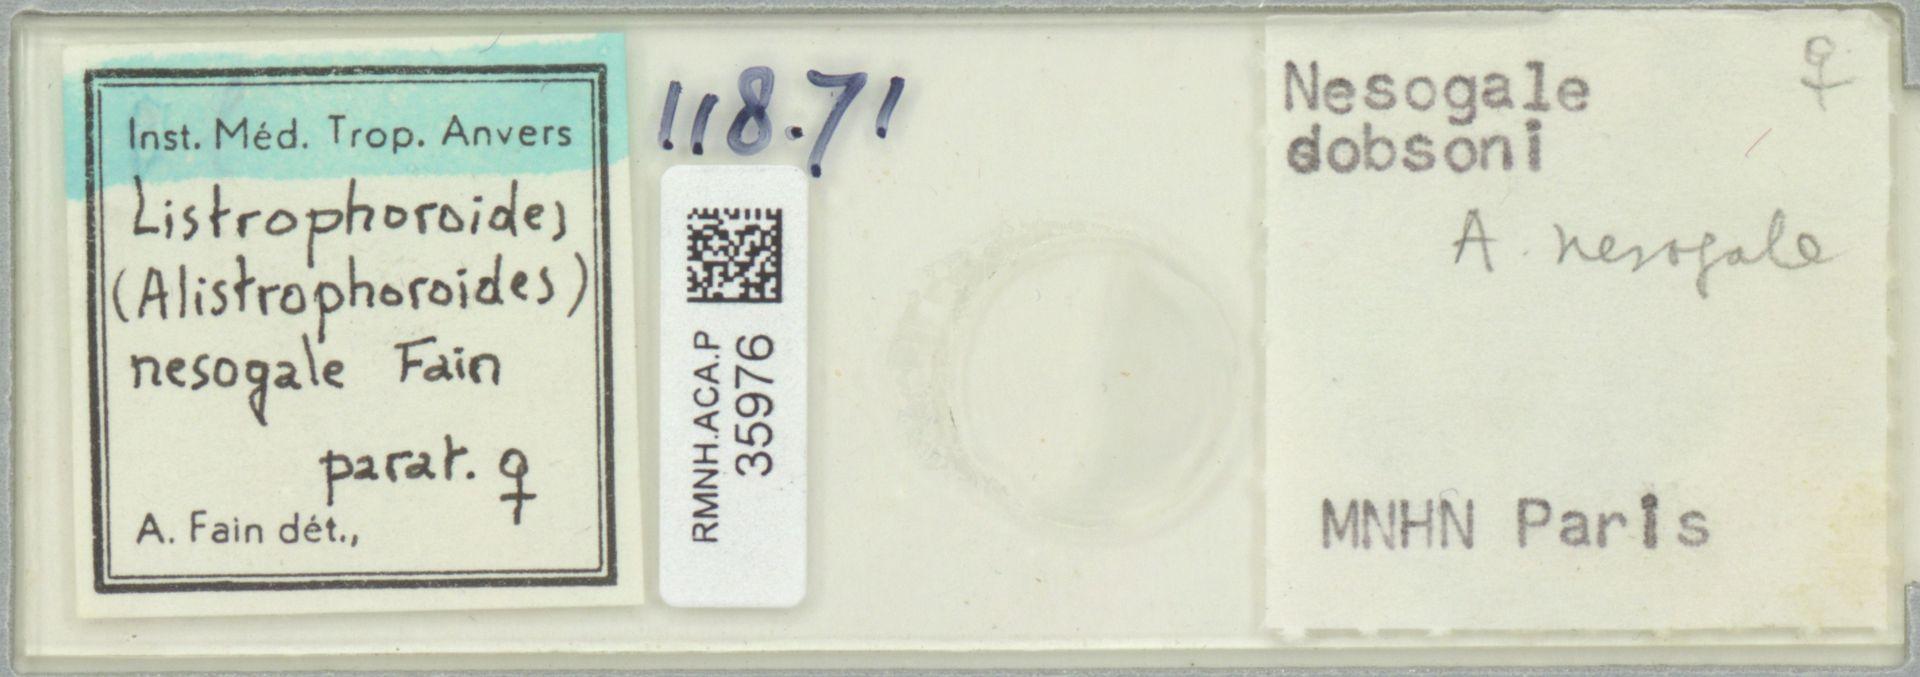 RMNH.ACA.P.35976   Listrophoroides (Alistrophoroides) nesogale Fain